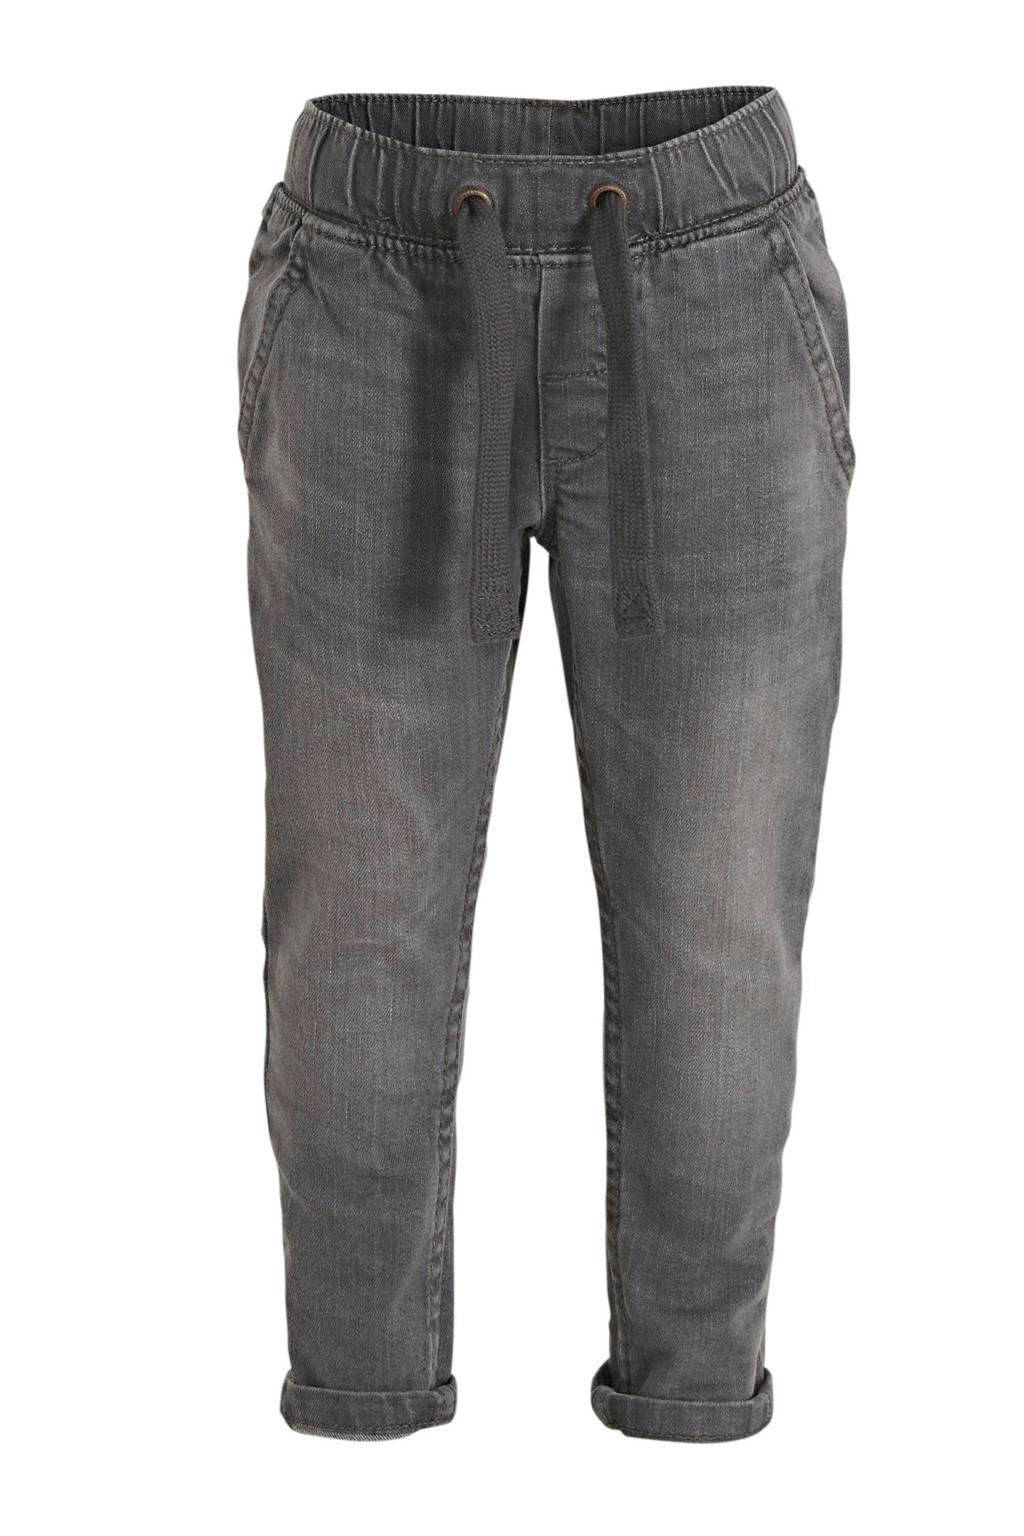 C&A Palomino broek met biologisch katoen grijs, Grijs